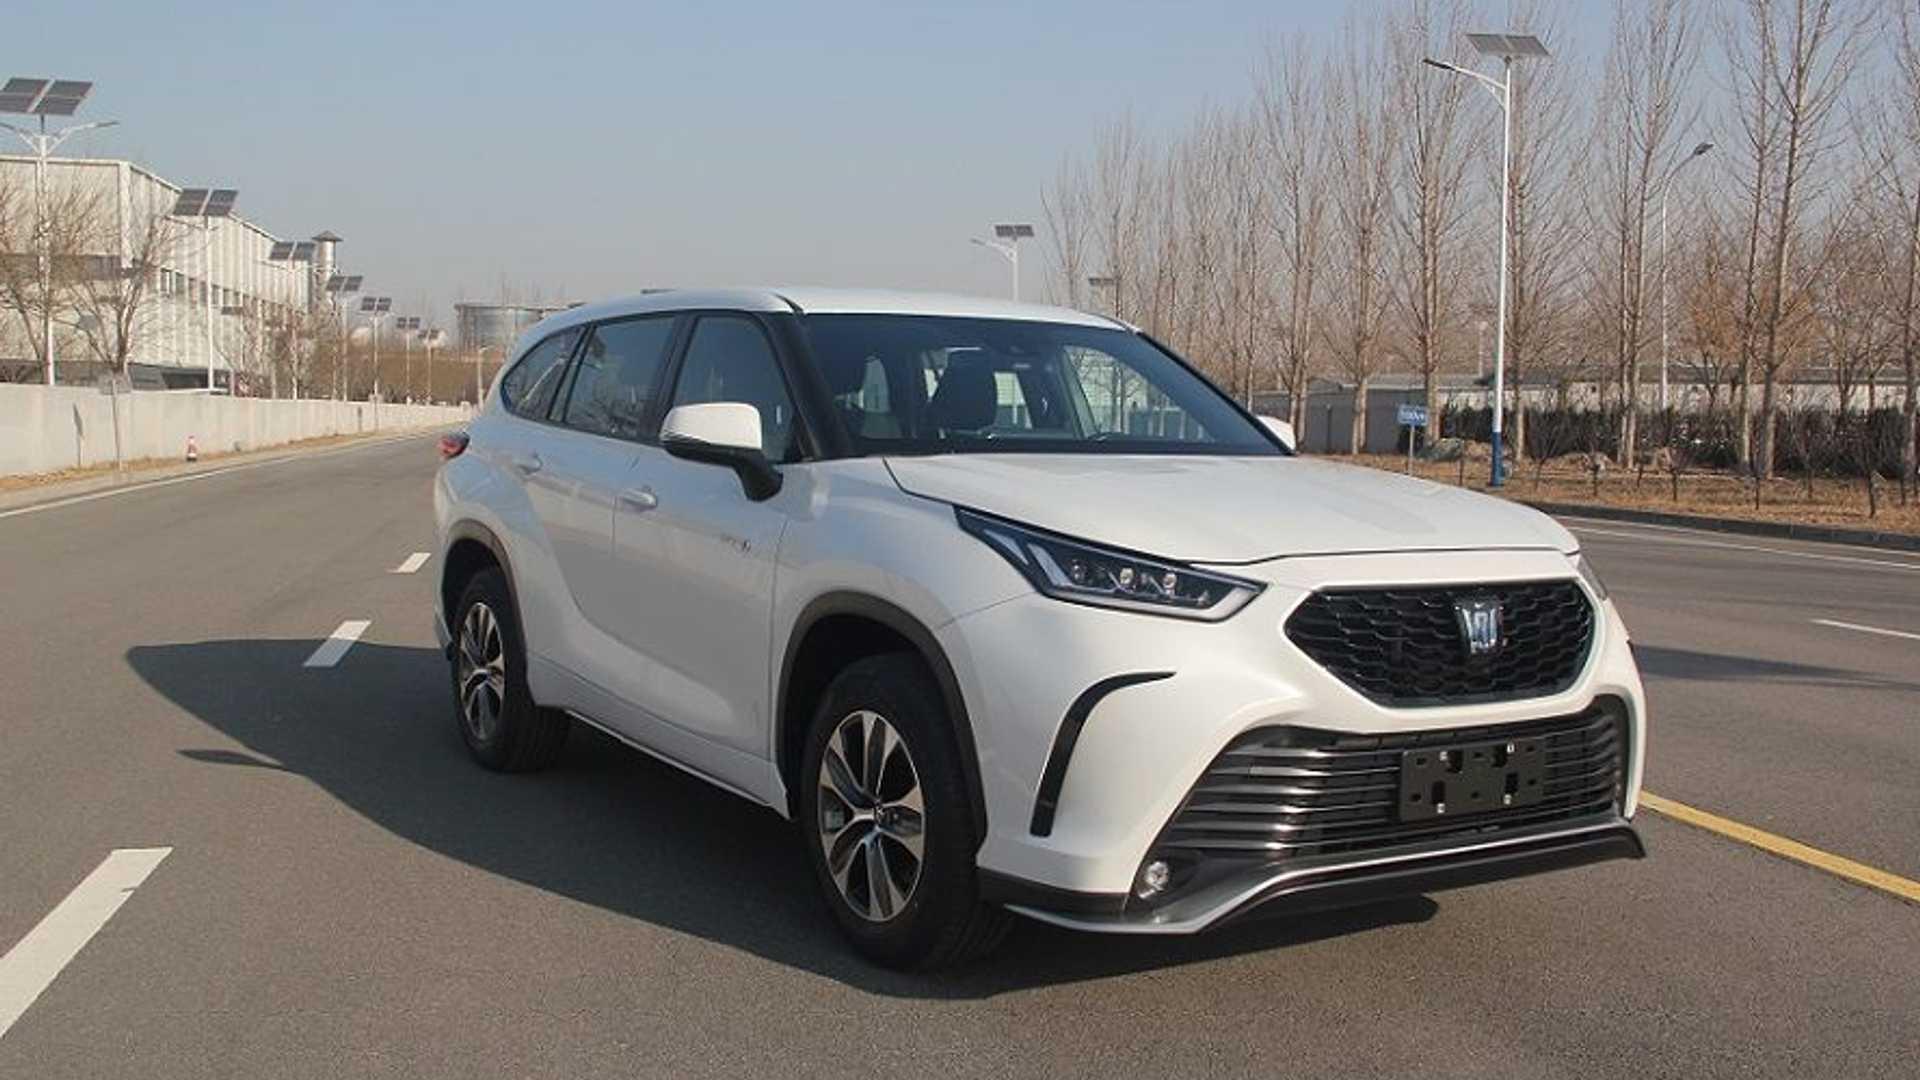 SUV Toyota Crown 2022 lộ diện với thiết kế khá giống Highlander